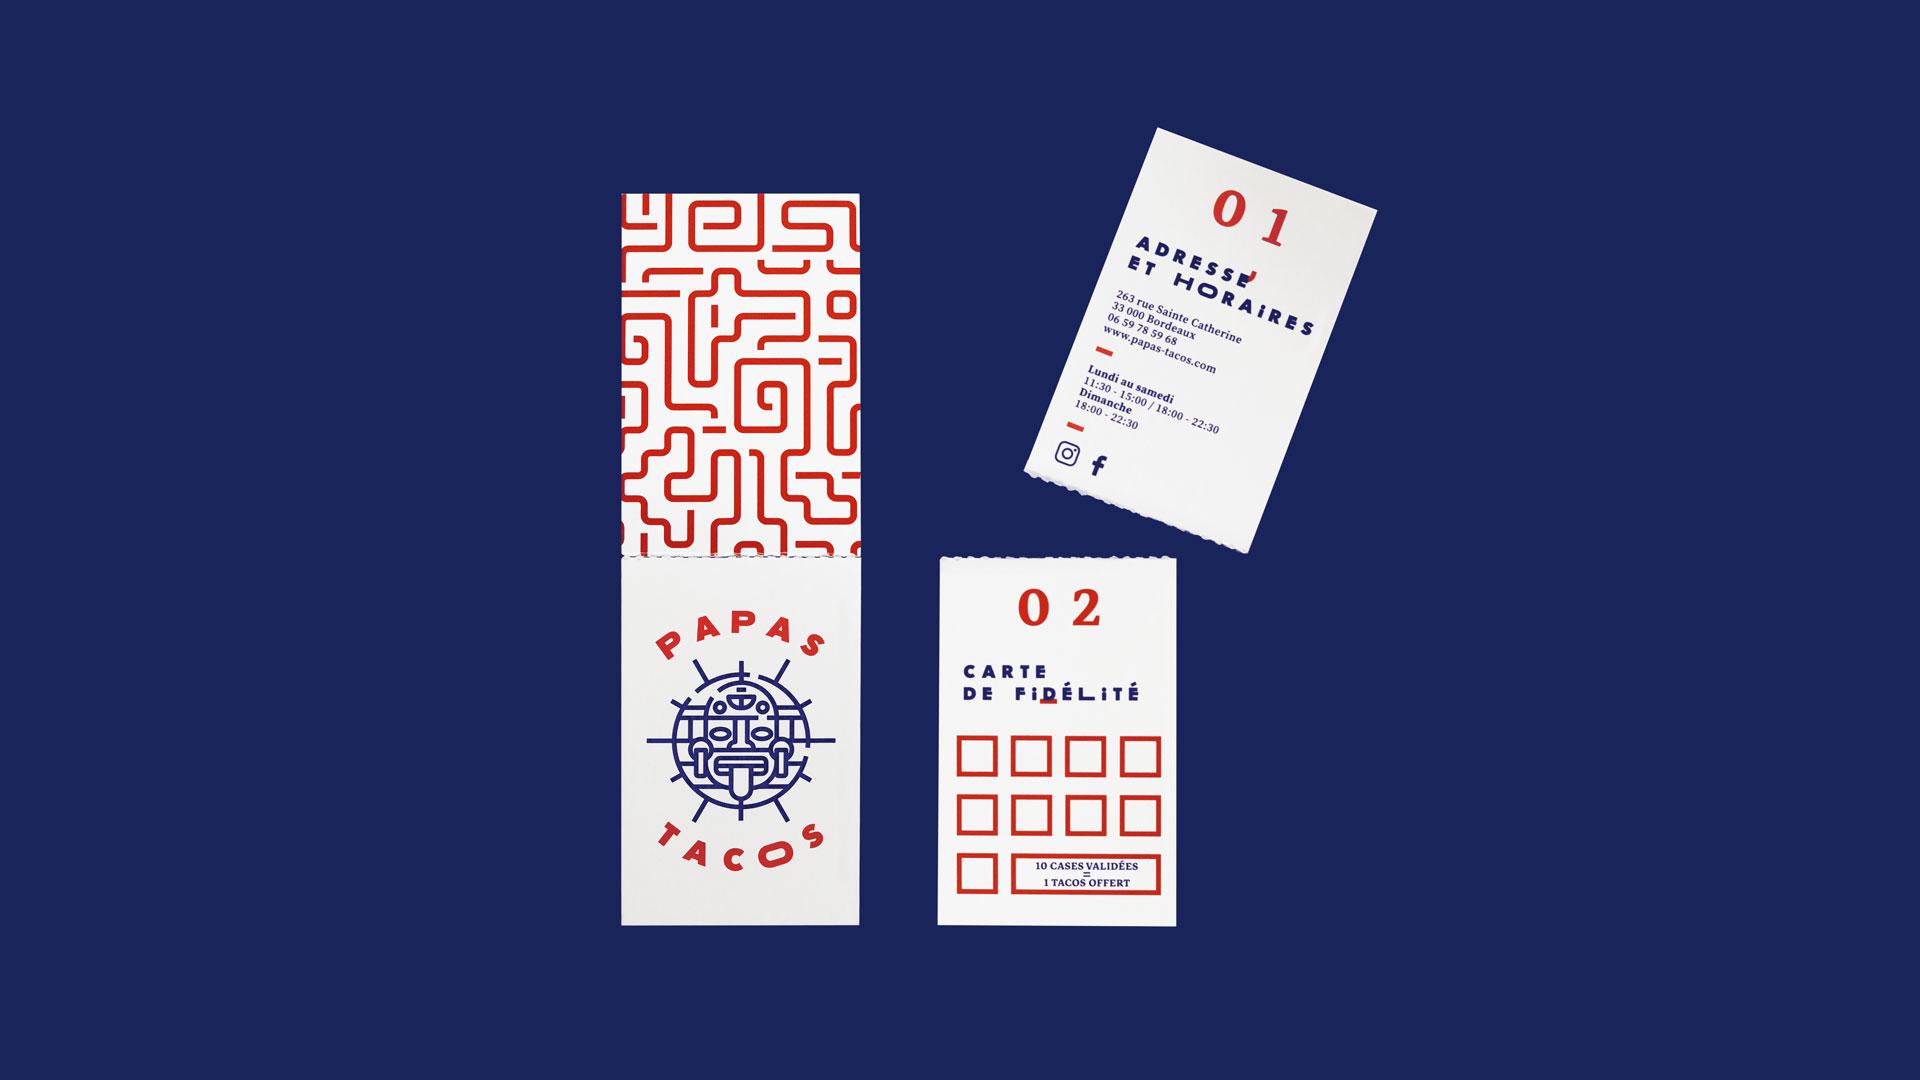 Papas Tacos - restaurant - Bordeaux - identity - visit card - fidelity card - fold - detachable